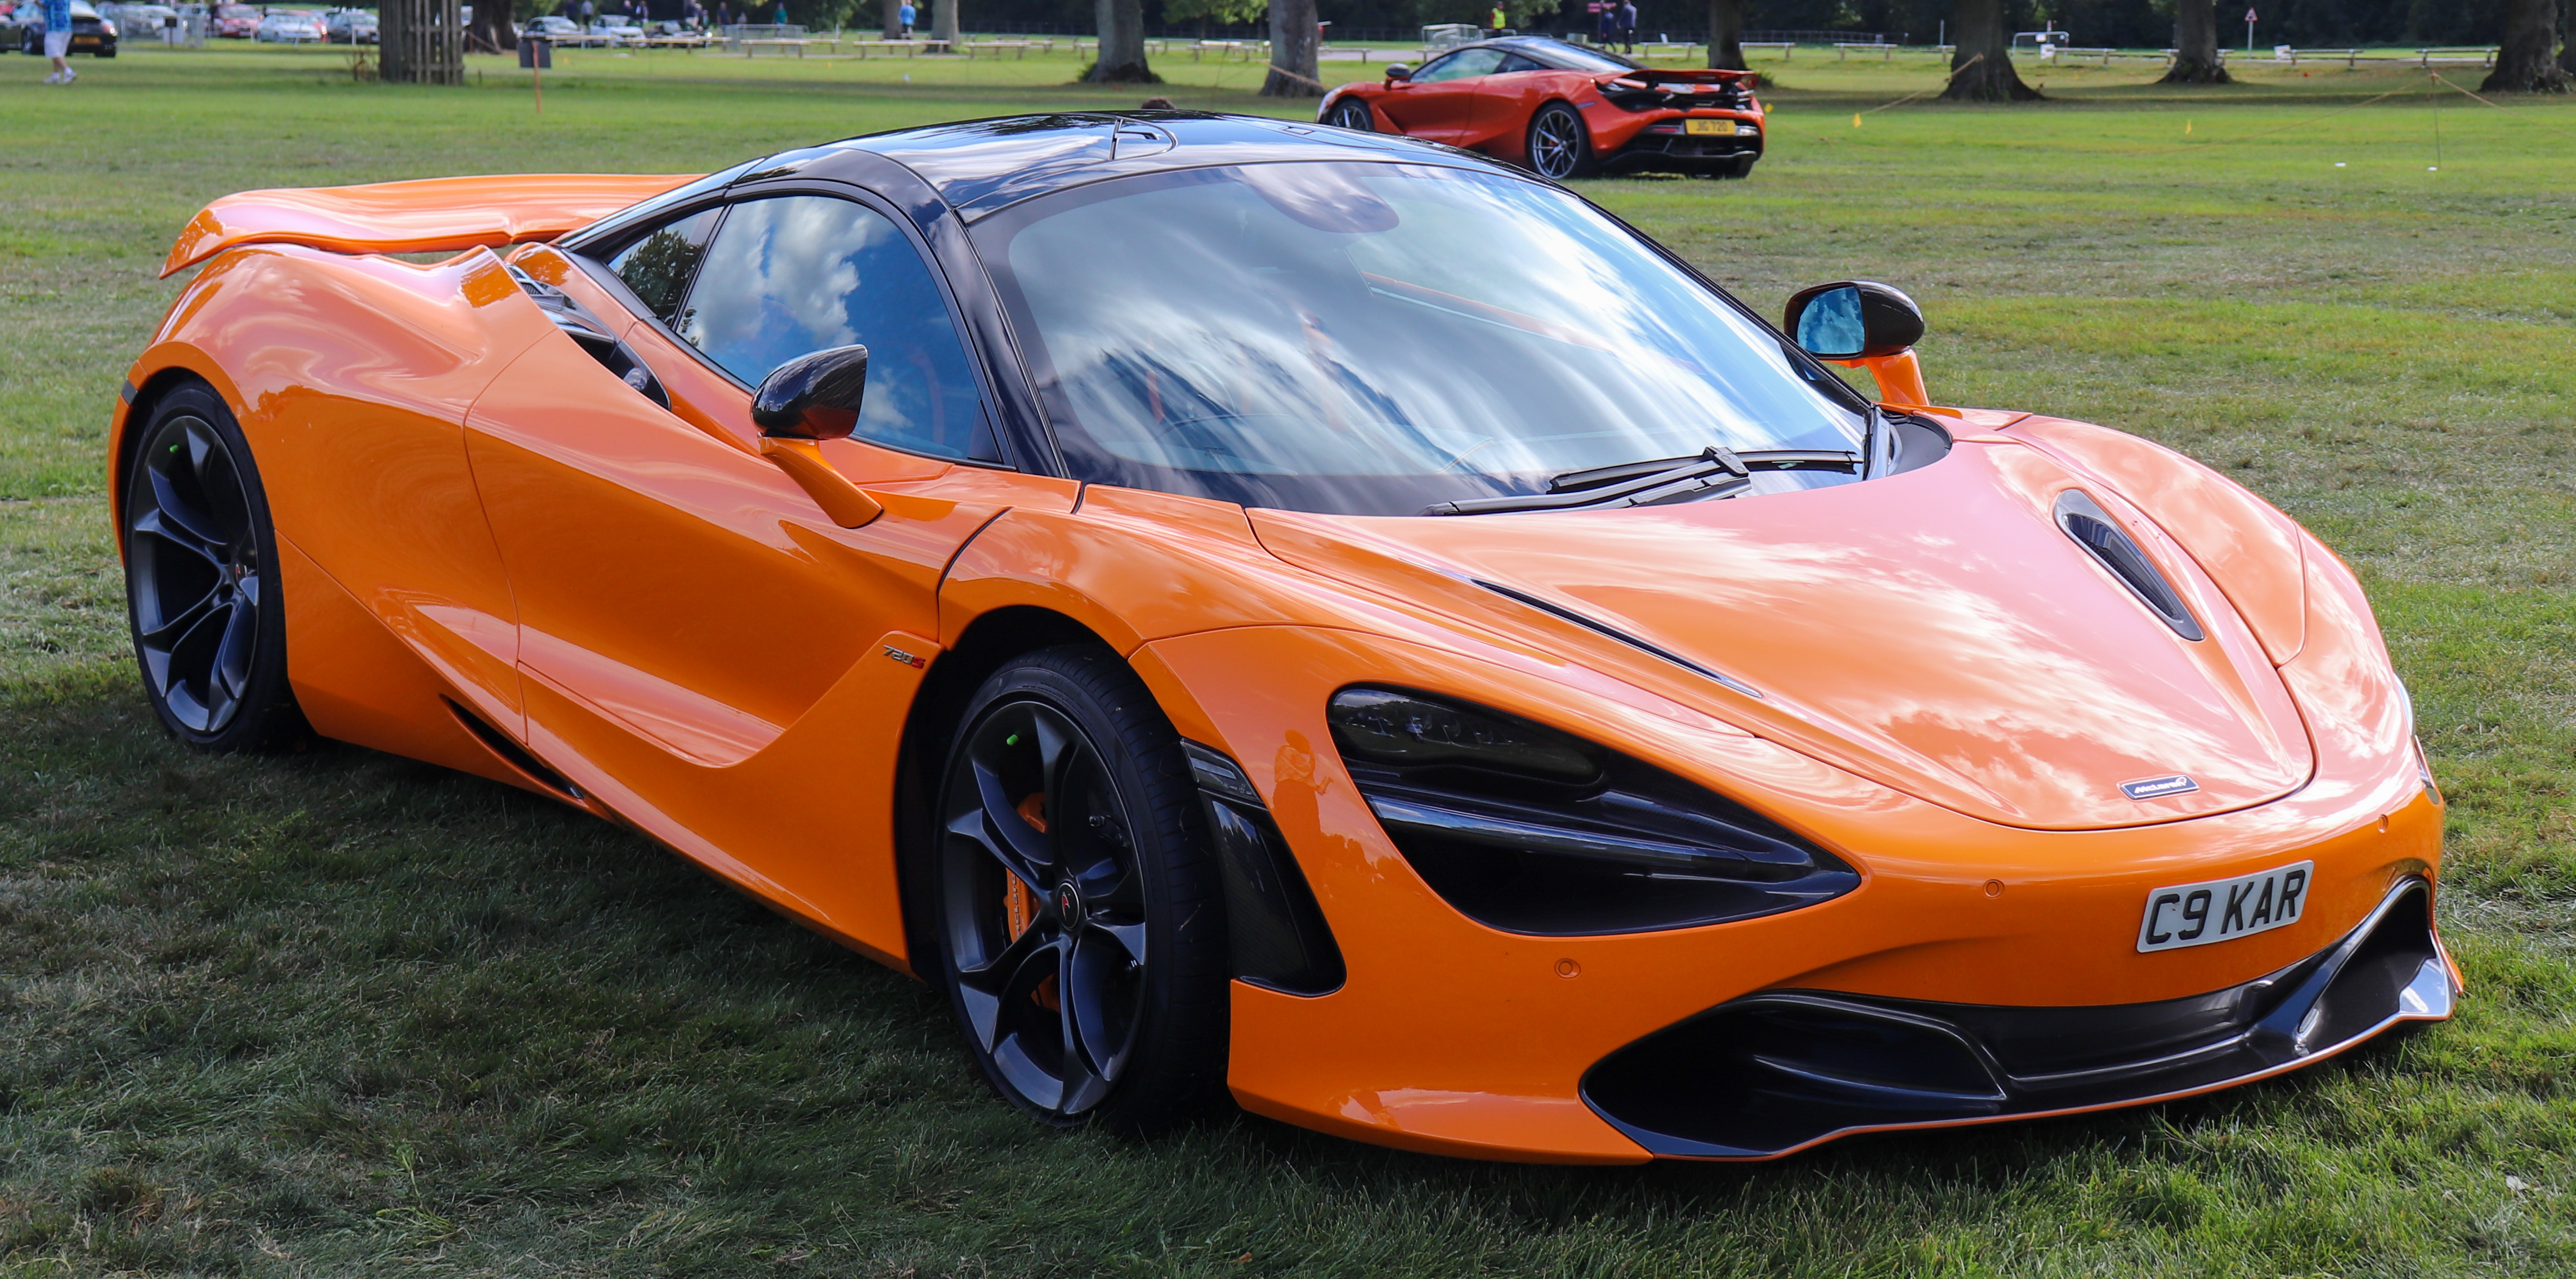 McLaren 720S - Wikipedia